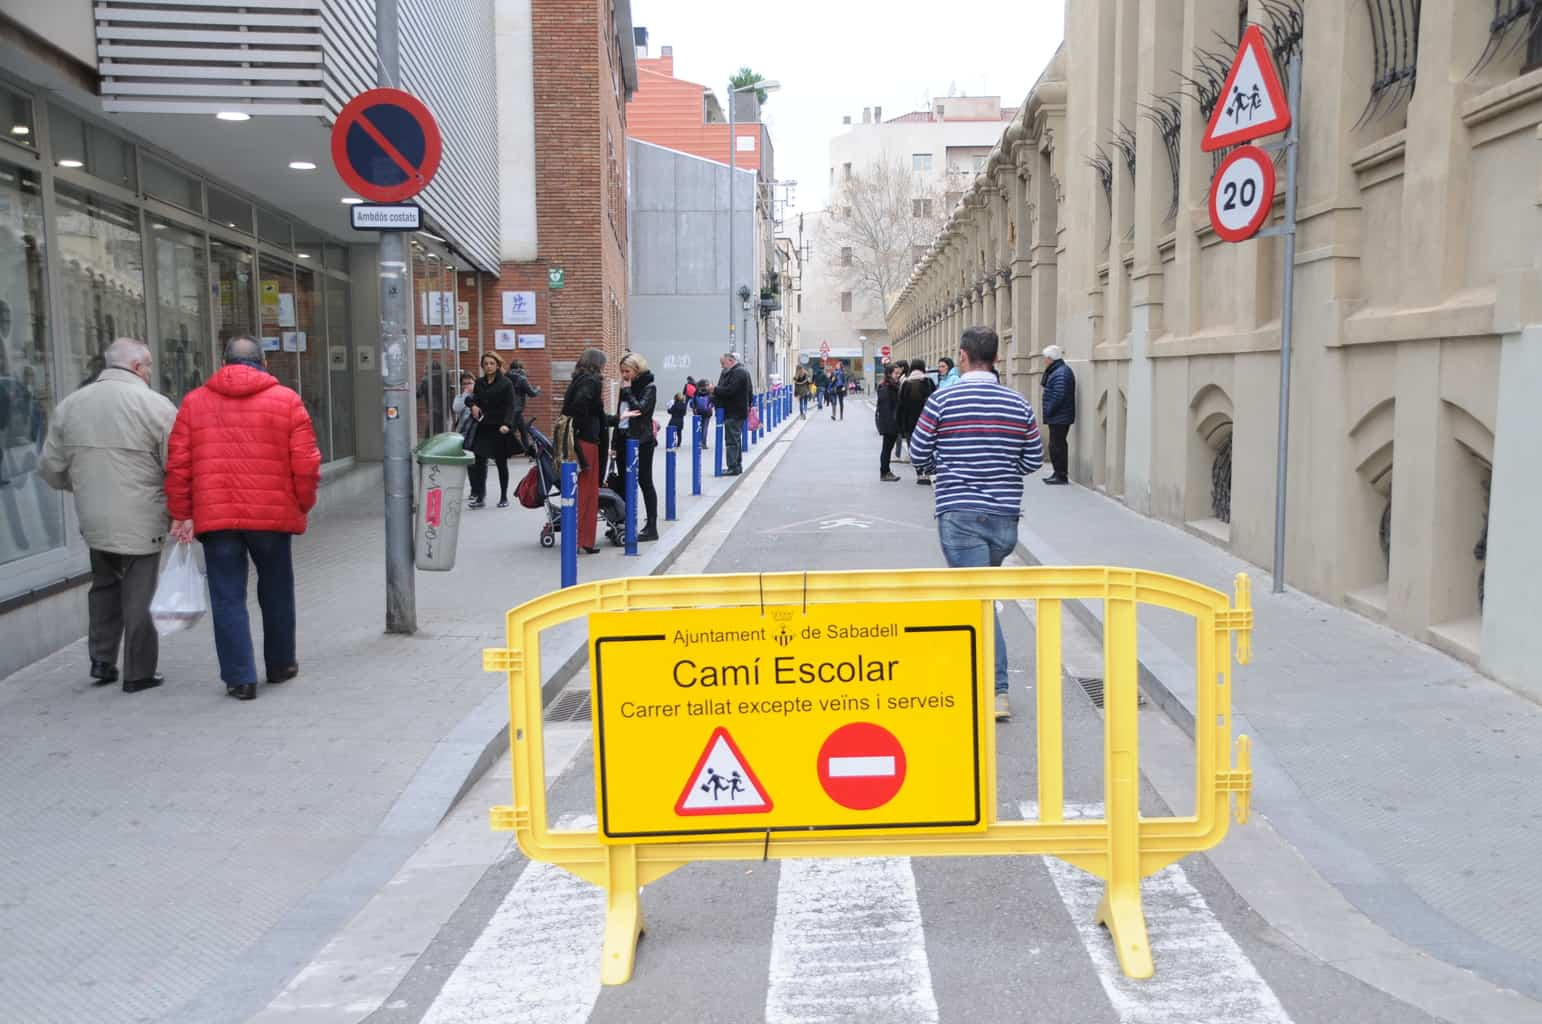 Més seguretat en els camins escolars: ajut de 500 mil euros per accions de mobilitat